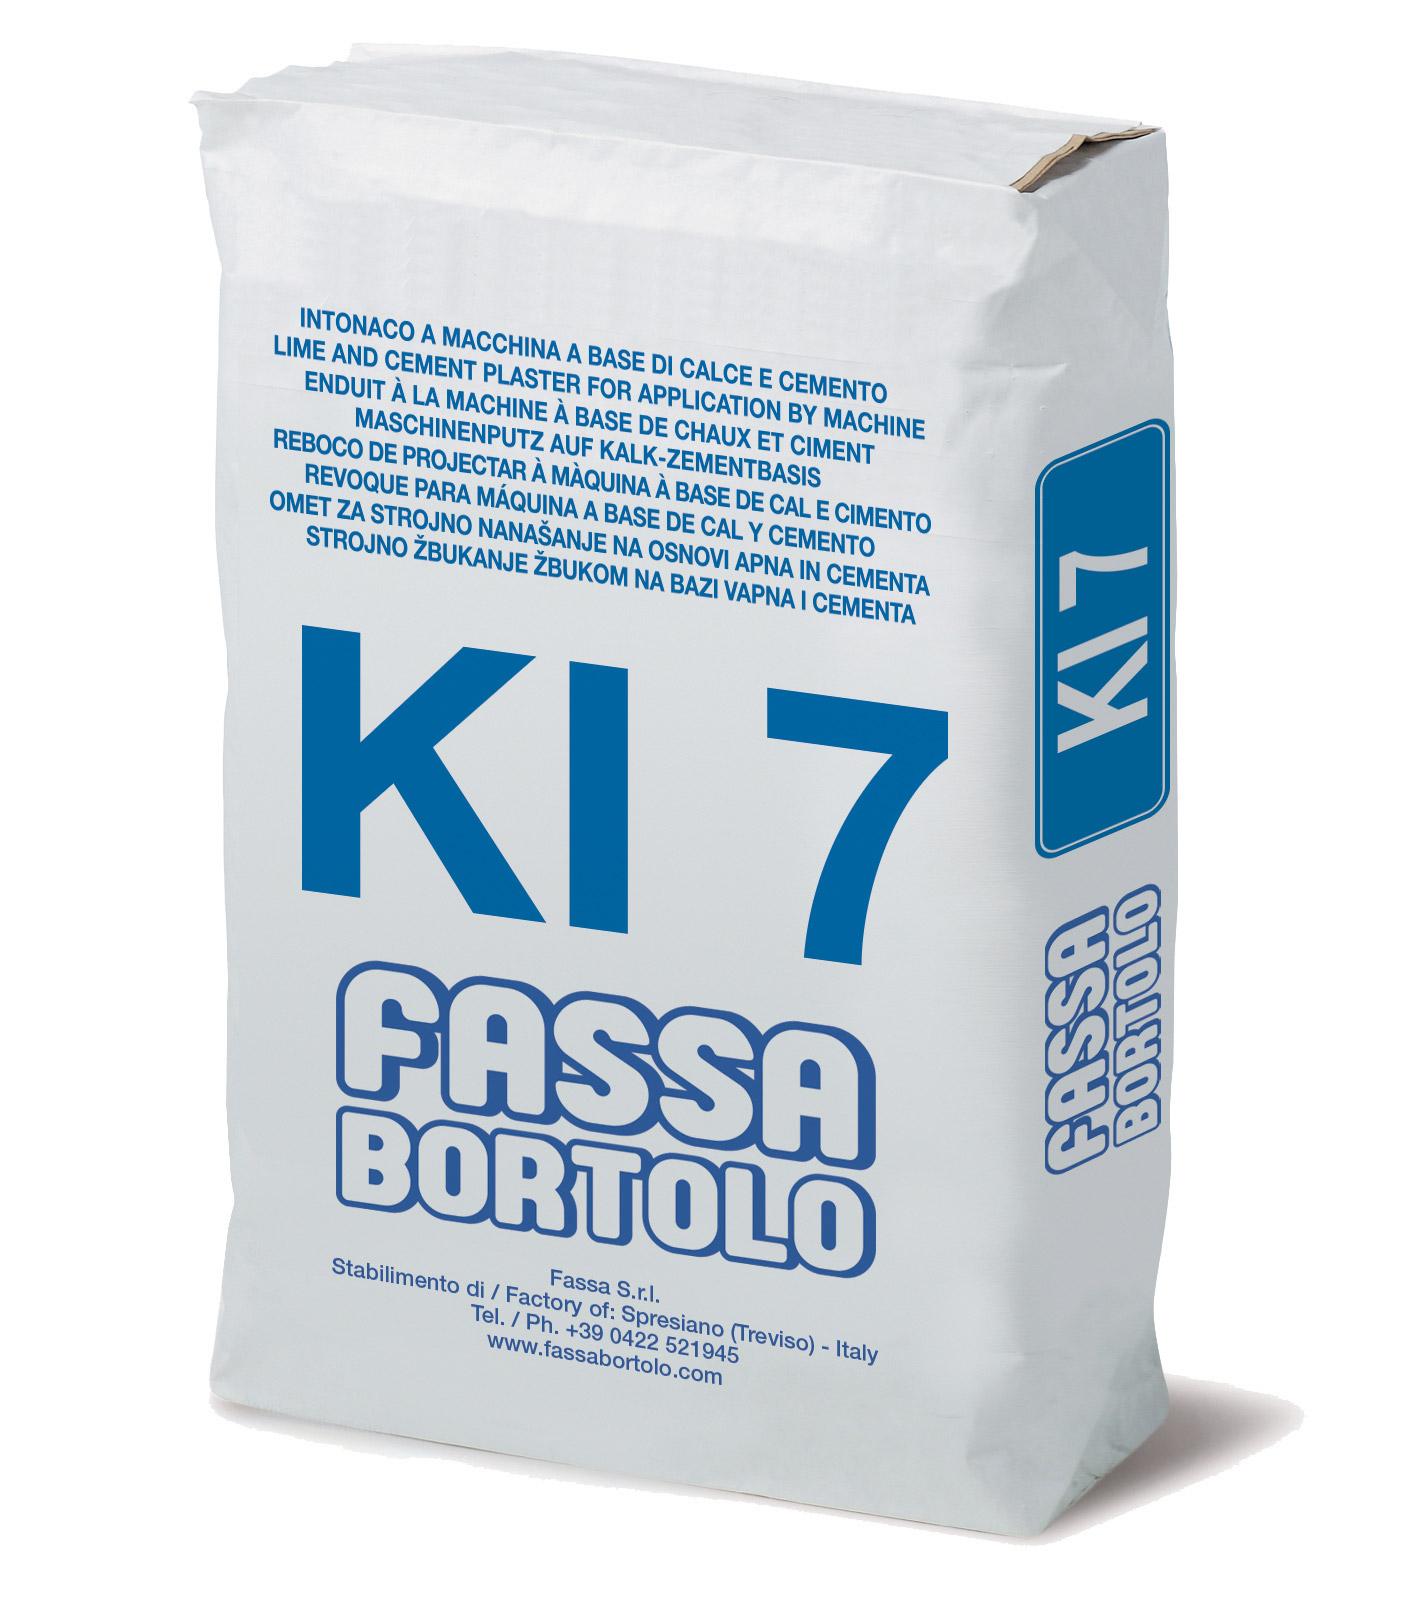 KI 7: Intonaco di fondo fibrorinforzato, con idrorepellente, a base di calce e cemento, per esterni ed interni